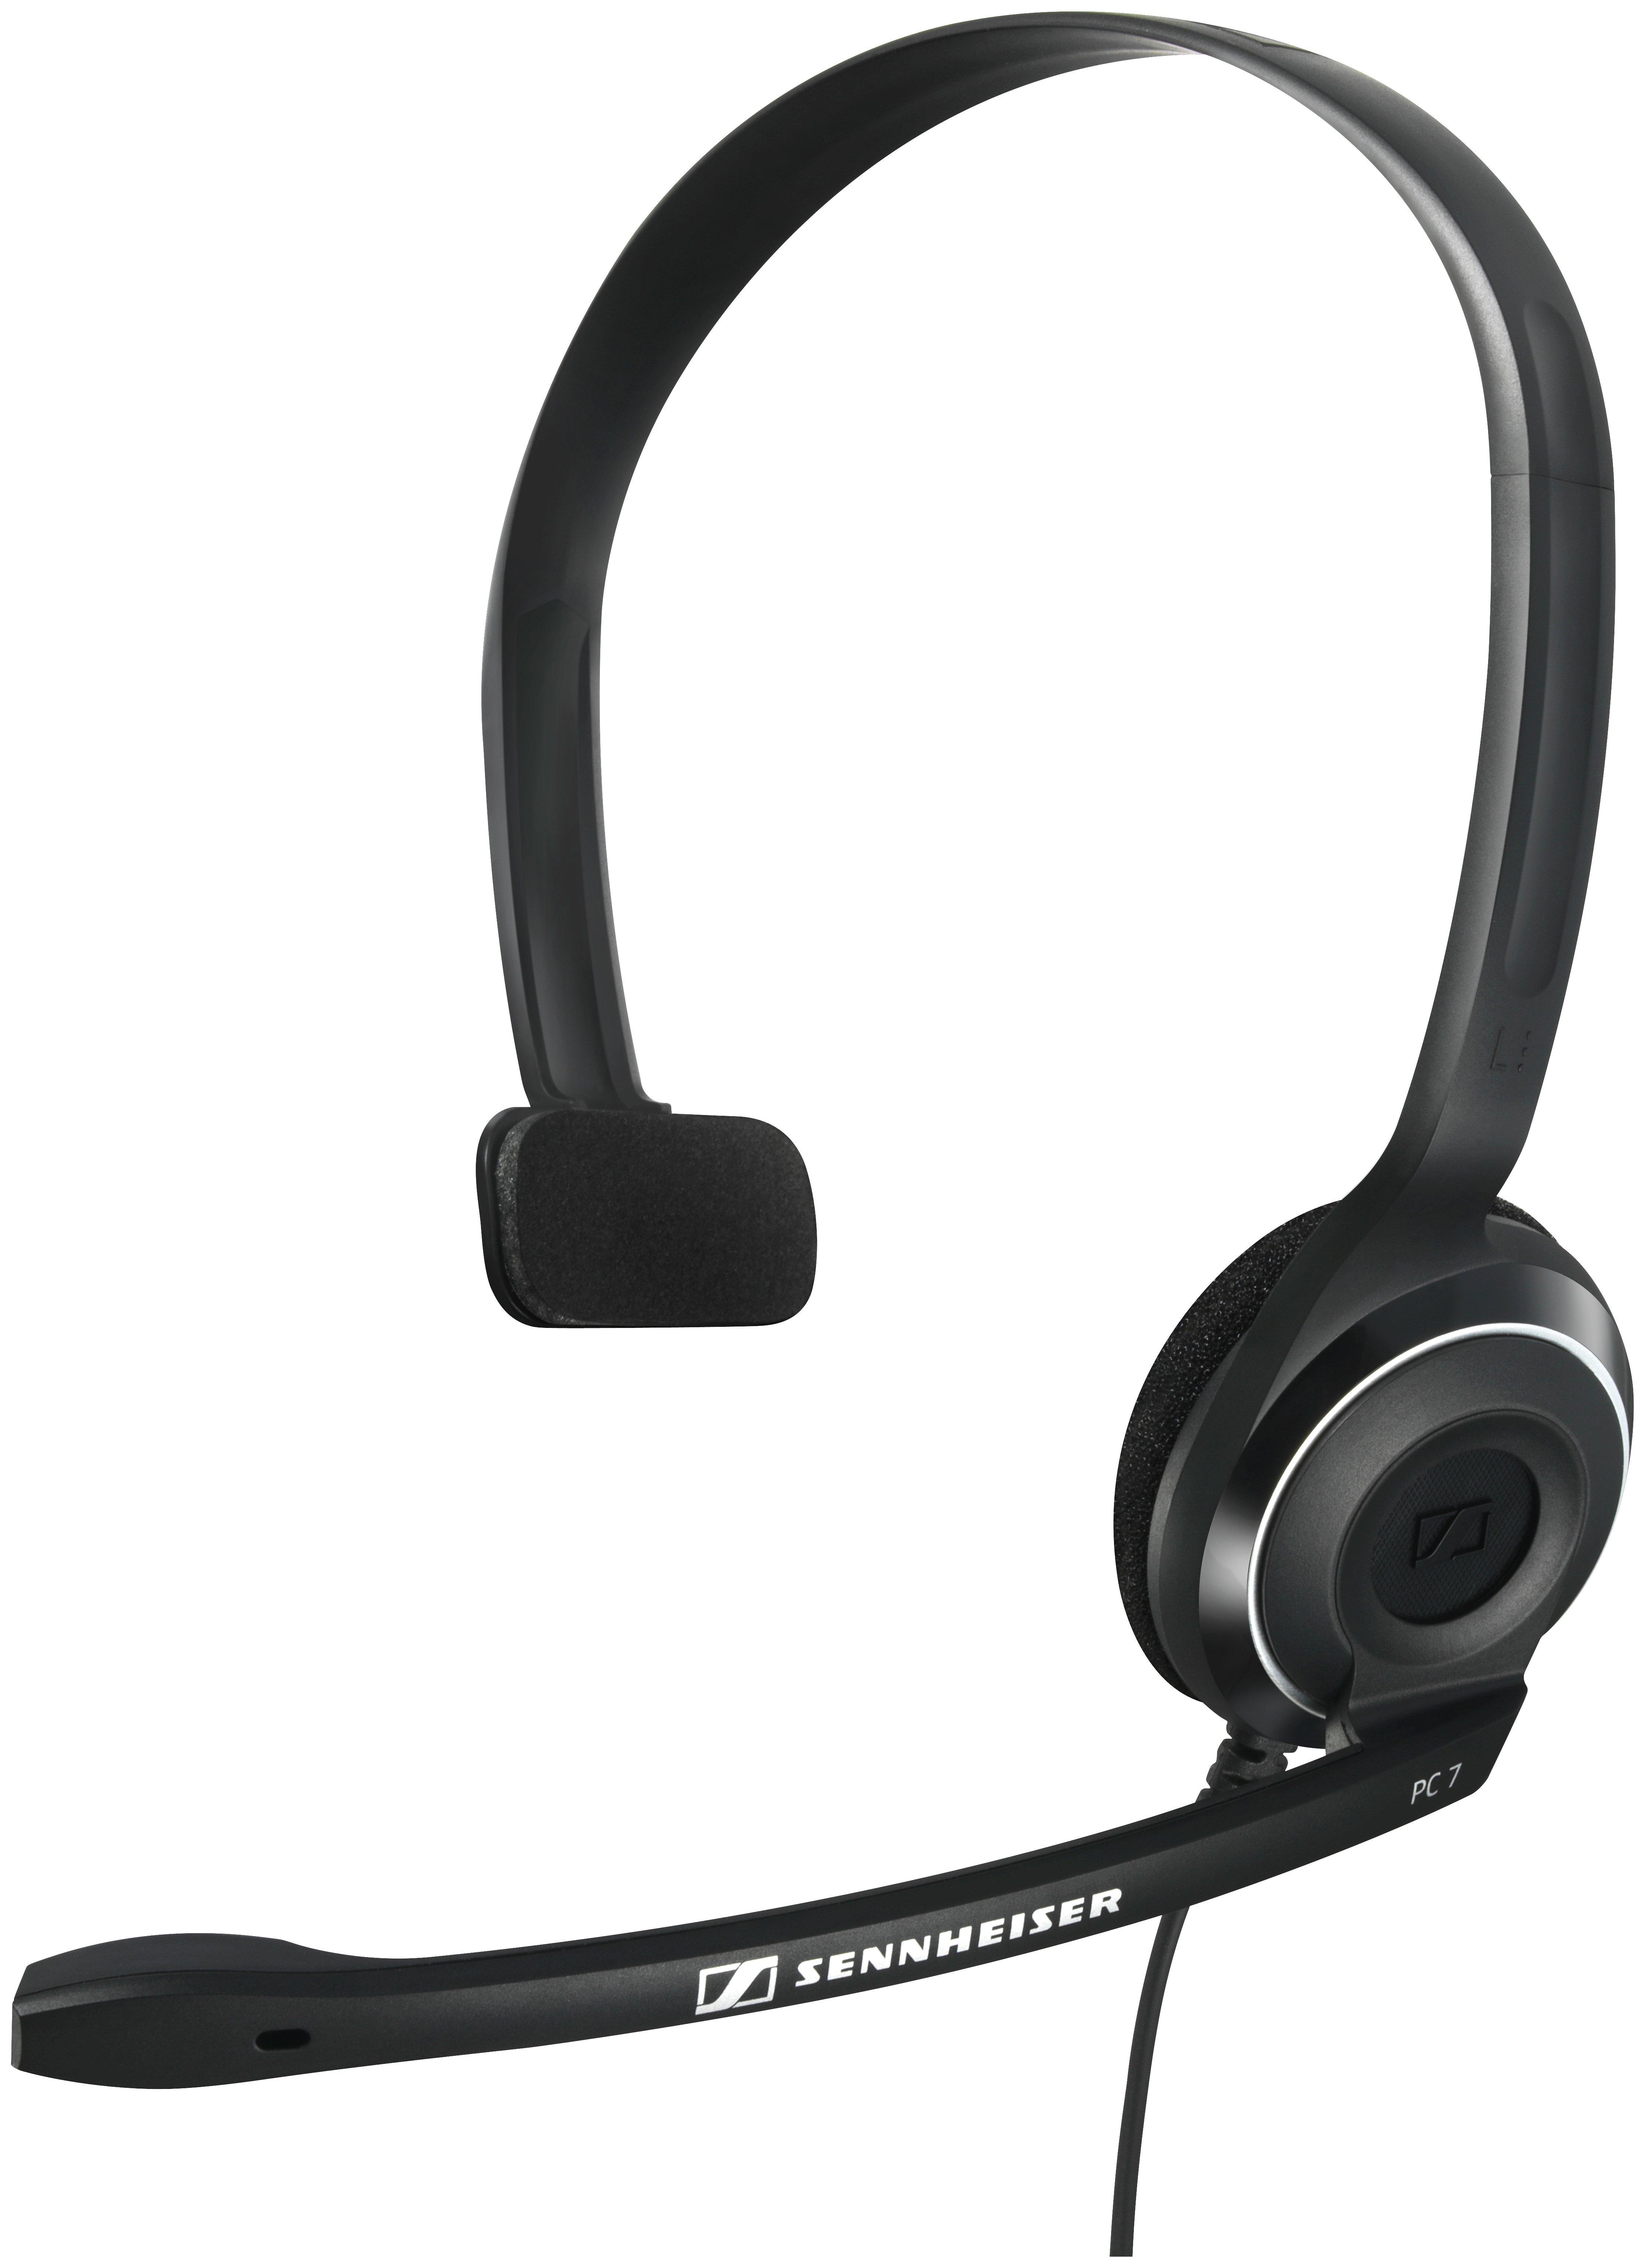 Sennheiser 7 USB Headset for PC